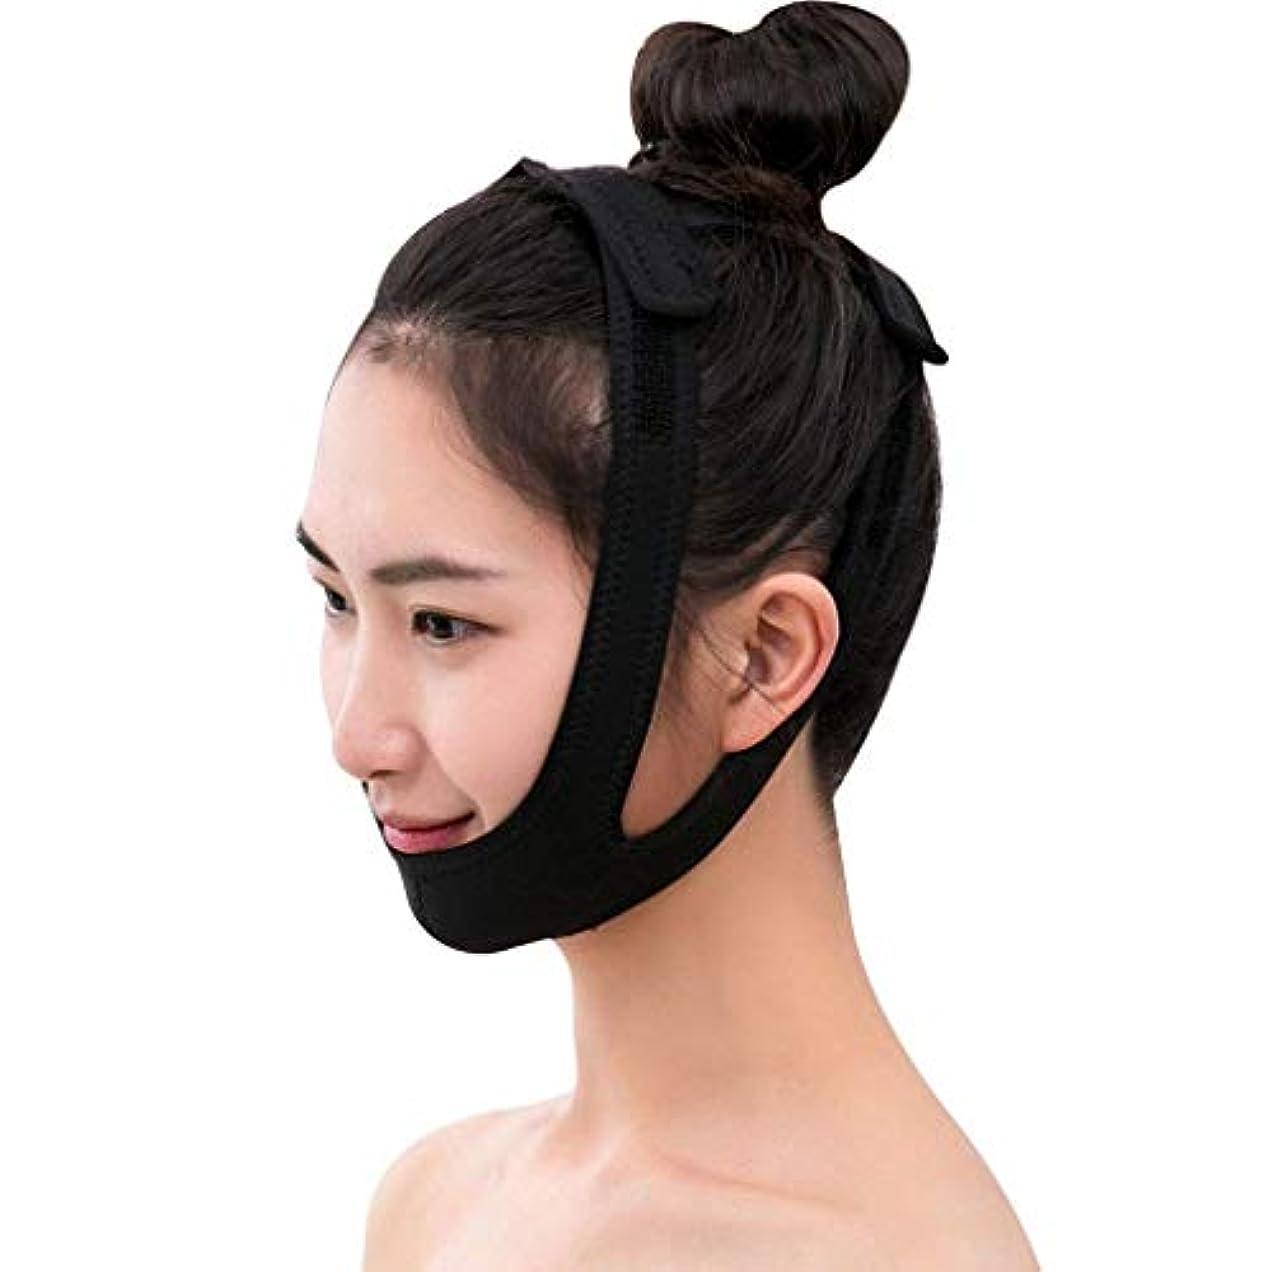 サロンパーティション高くフェイススリミングマスク、フェイスリフティングバンデージ-Vシェイプフェイスマスク-シェイピングアンドリフティング-ダブルチンストラップ-ビューティーネックマスクフェイスリフトアップ-リデュースダブルチンバンデージ-顔補正ベルト